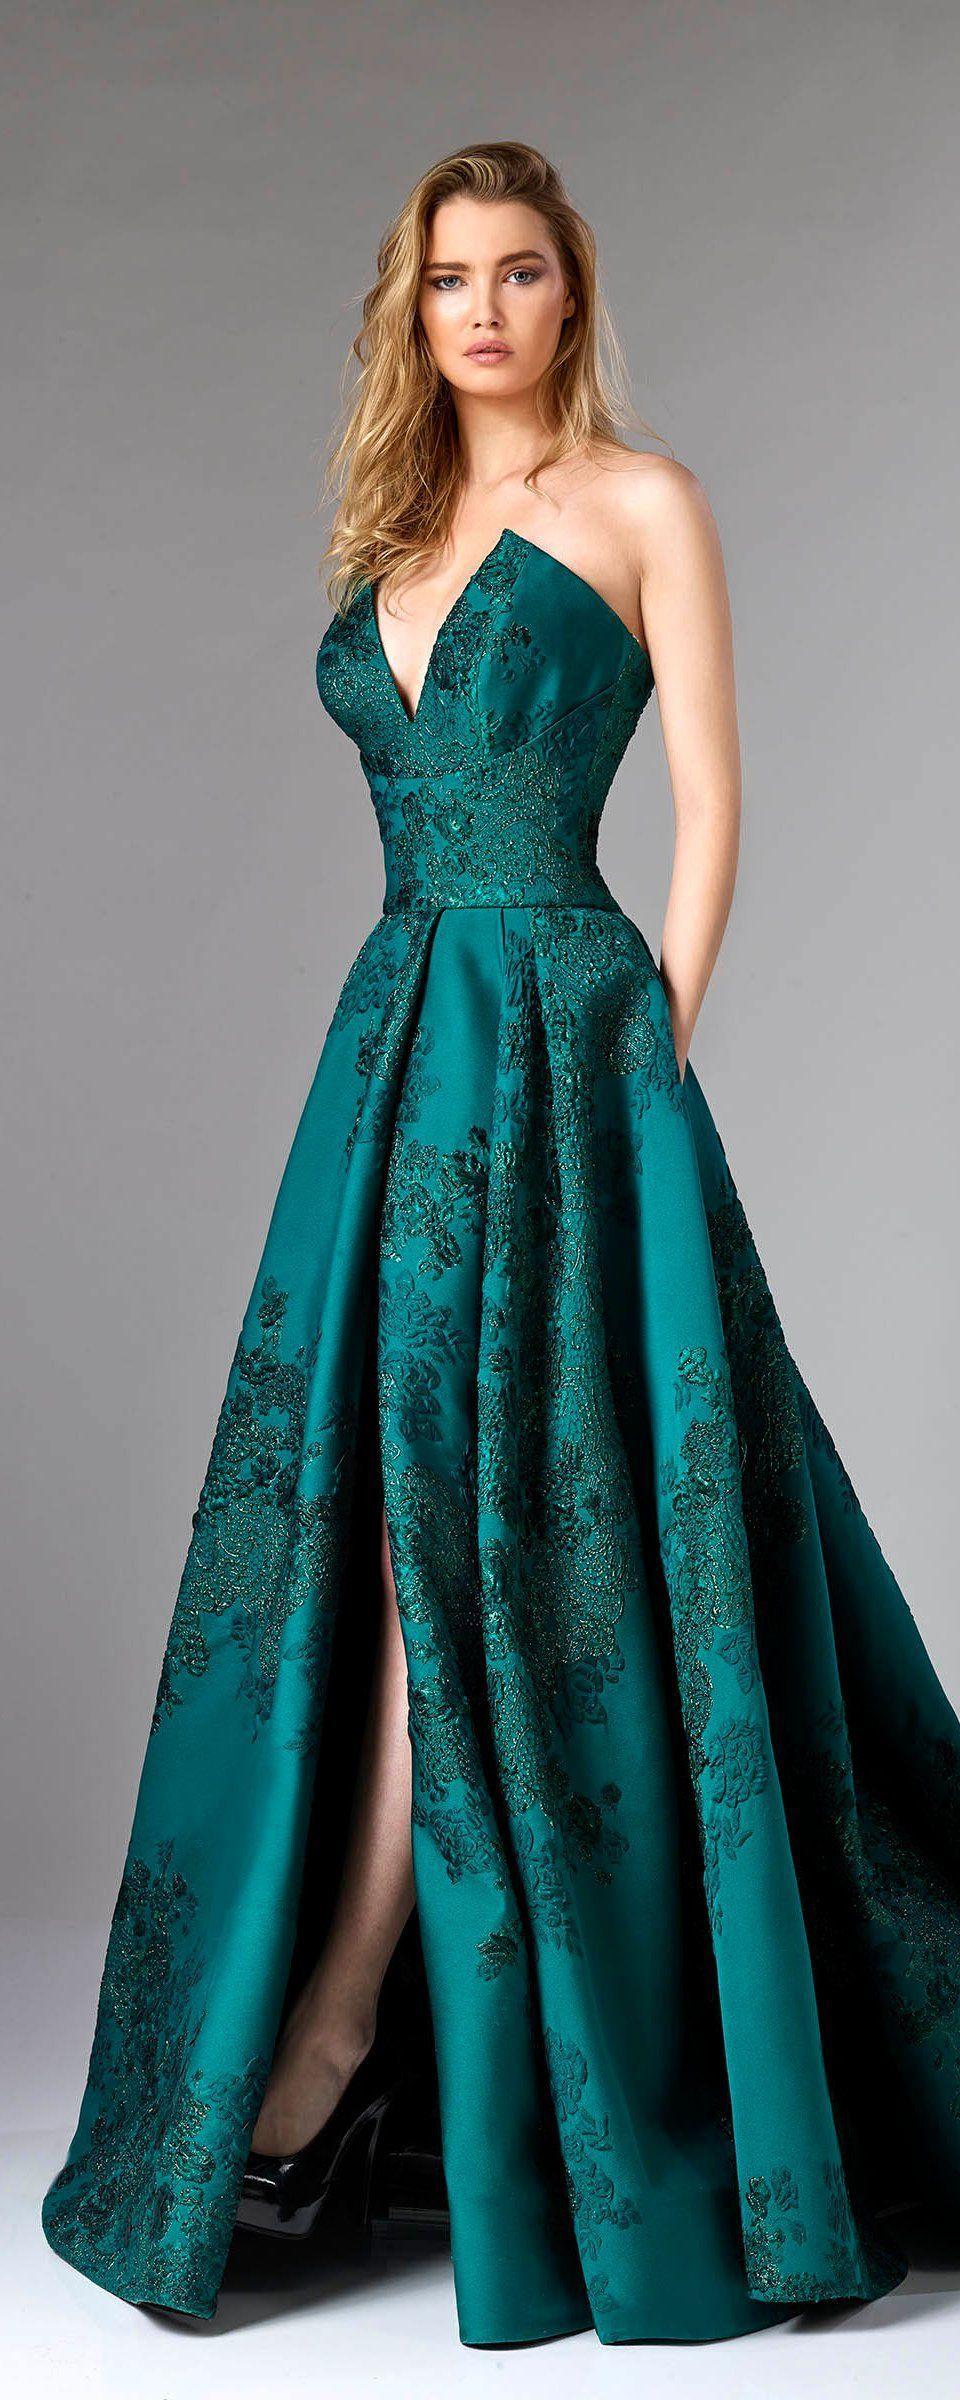 kleider abiball 19 - Top Modische Kleider  Abendkleid, Kleider